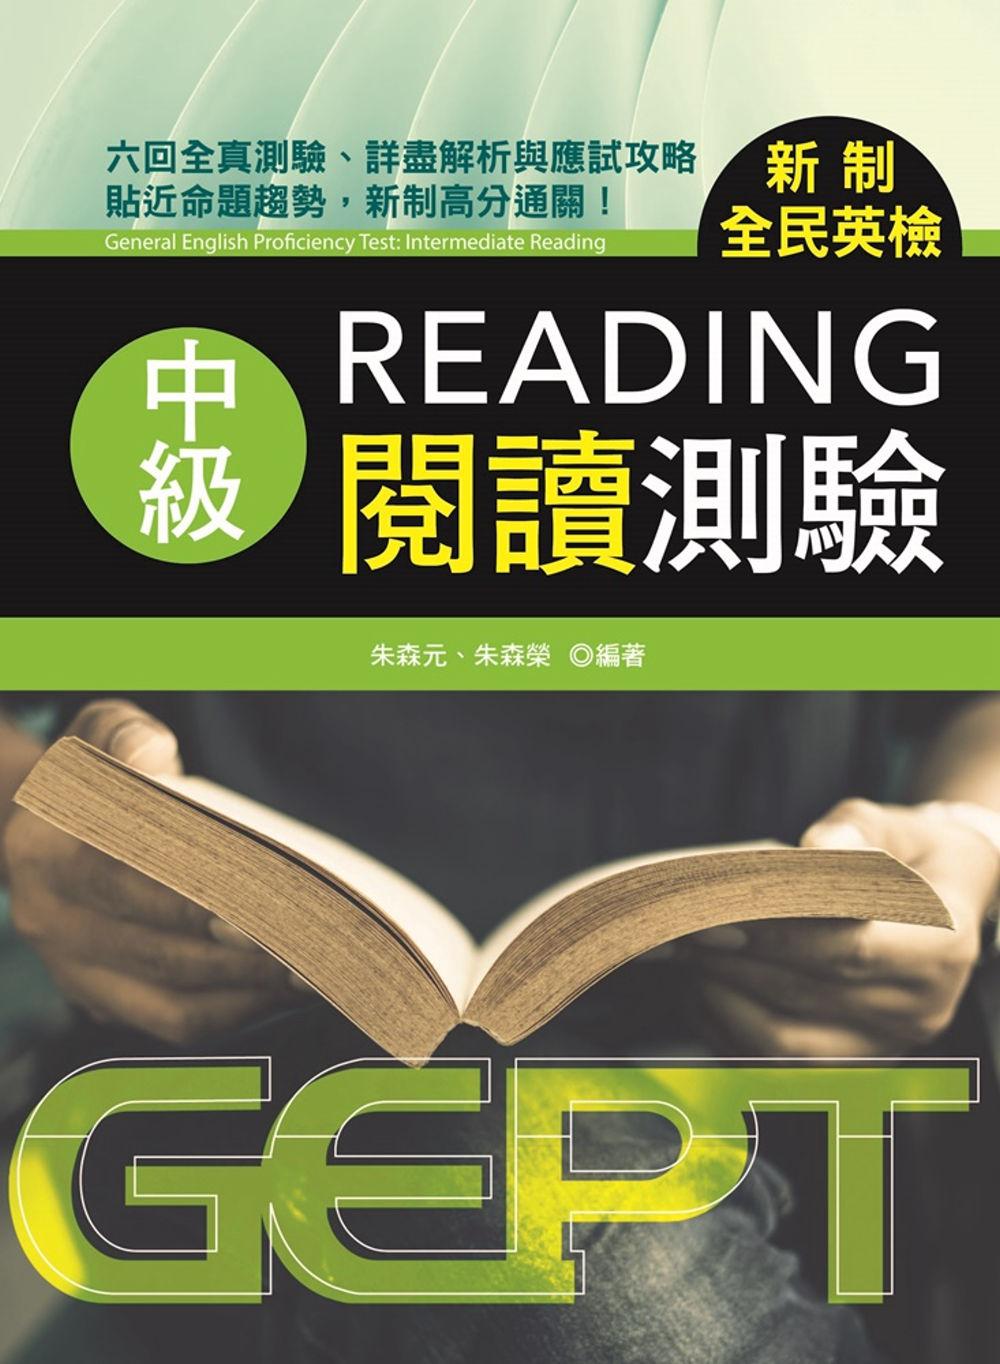 新制全民英檢中級閱讀測驗